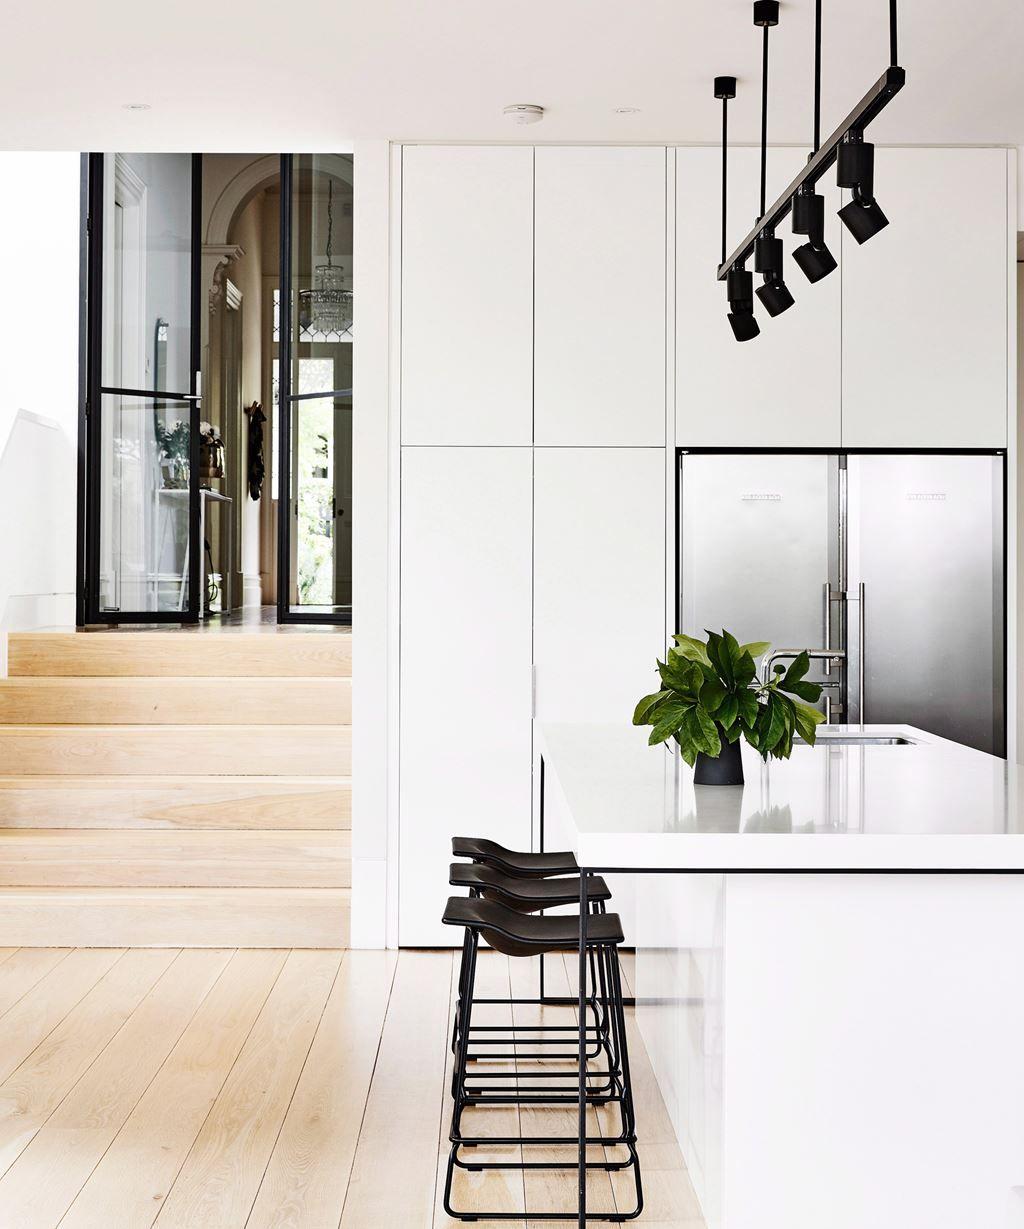 Pin von Hayley auf Kitchen | Pinterest | Schöner wohnen, Wohnen und ...